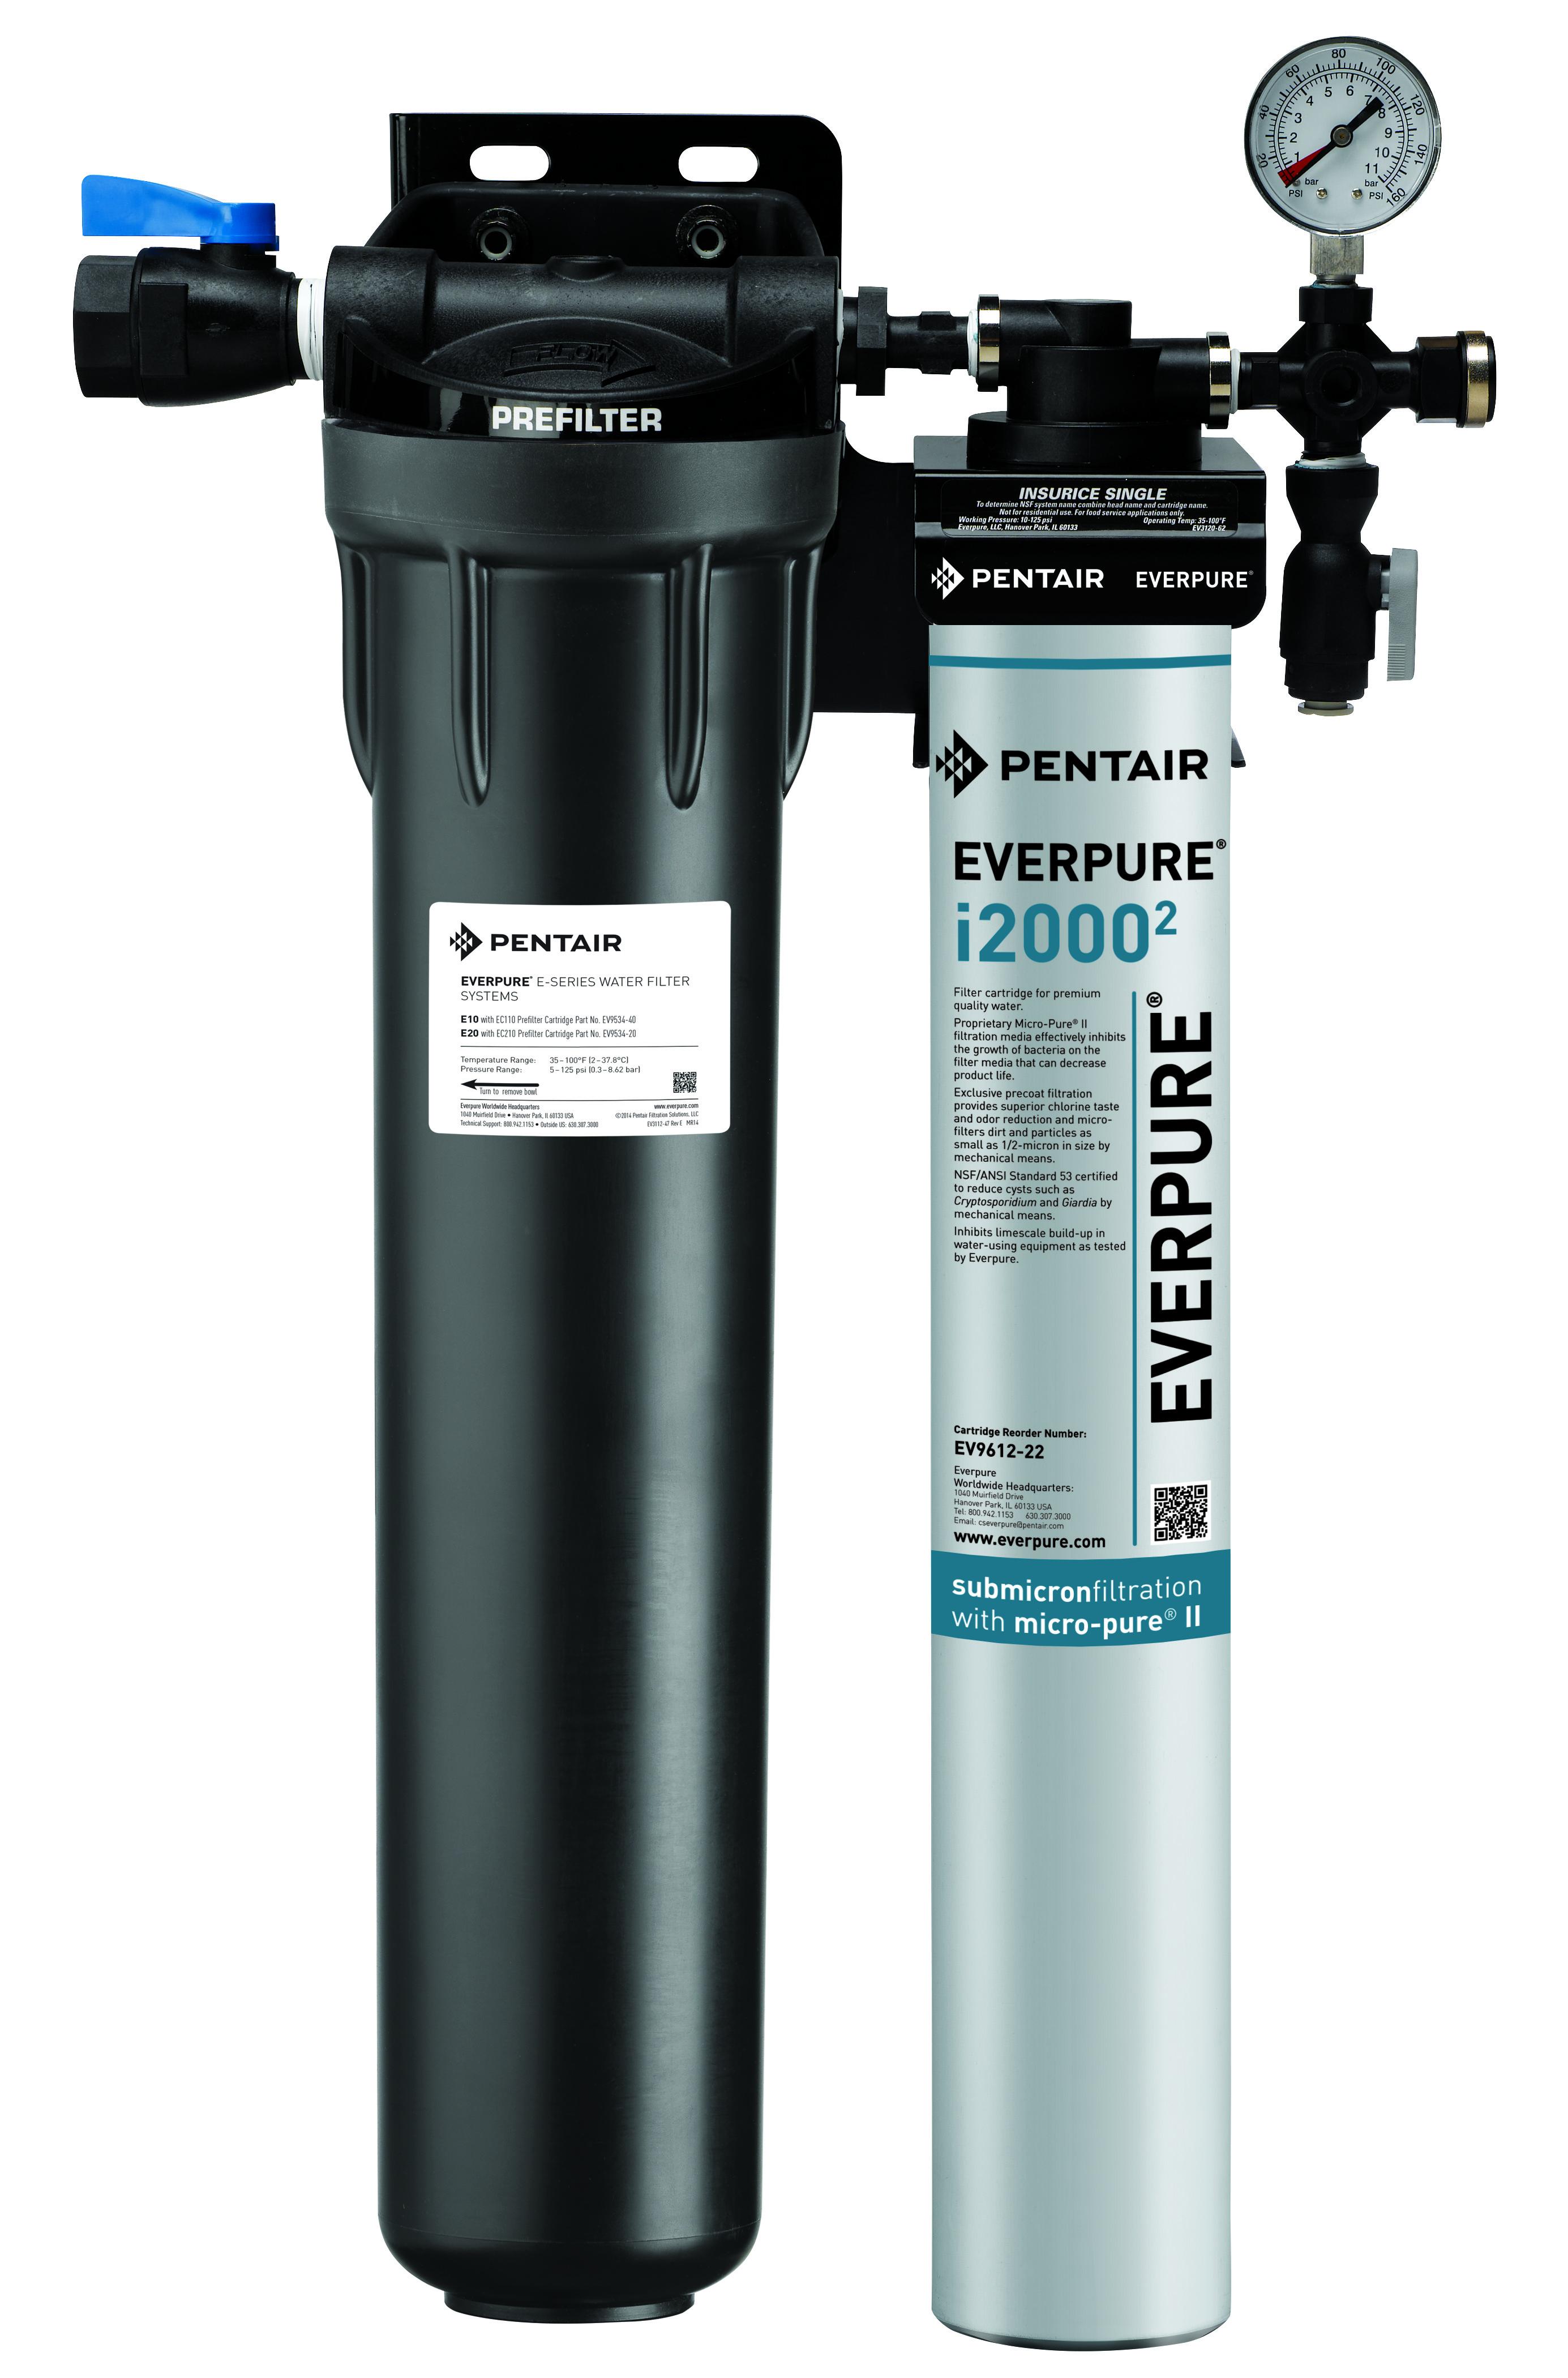 Everpure Insurice i2000-2 EV9324-21 Filtration System